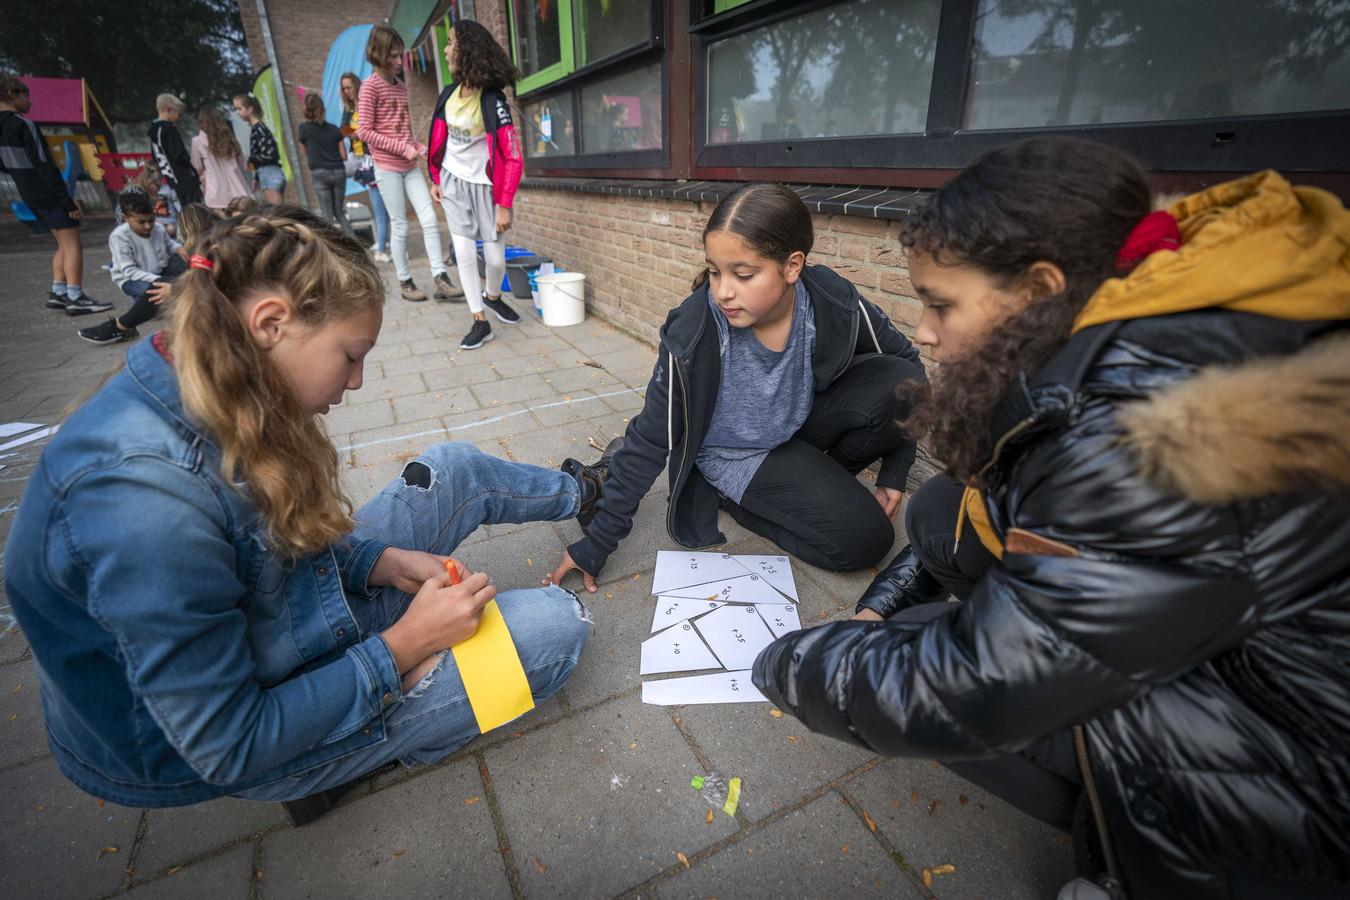 Stad Sint-Truiden wil werk maken van pestgedrag in Truiense scholen en zal daarom aan een nieuw antipestbeleid werken vanaf 2021. (Illustratiebeeld)